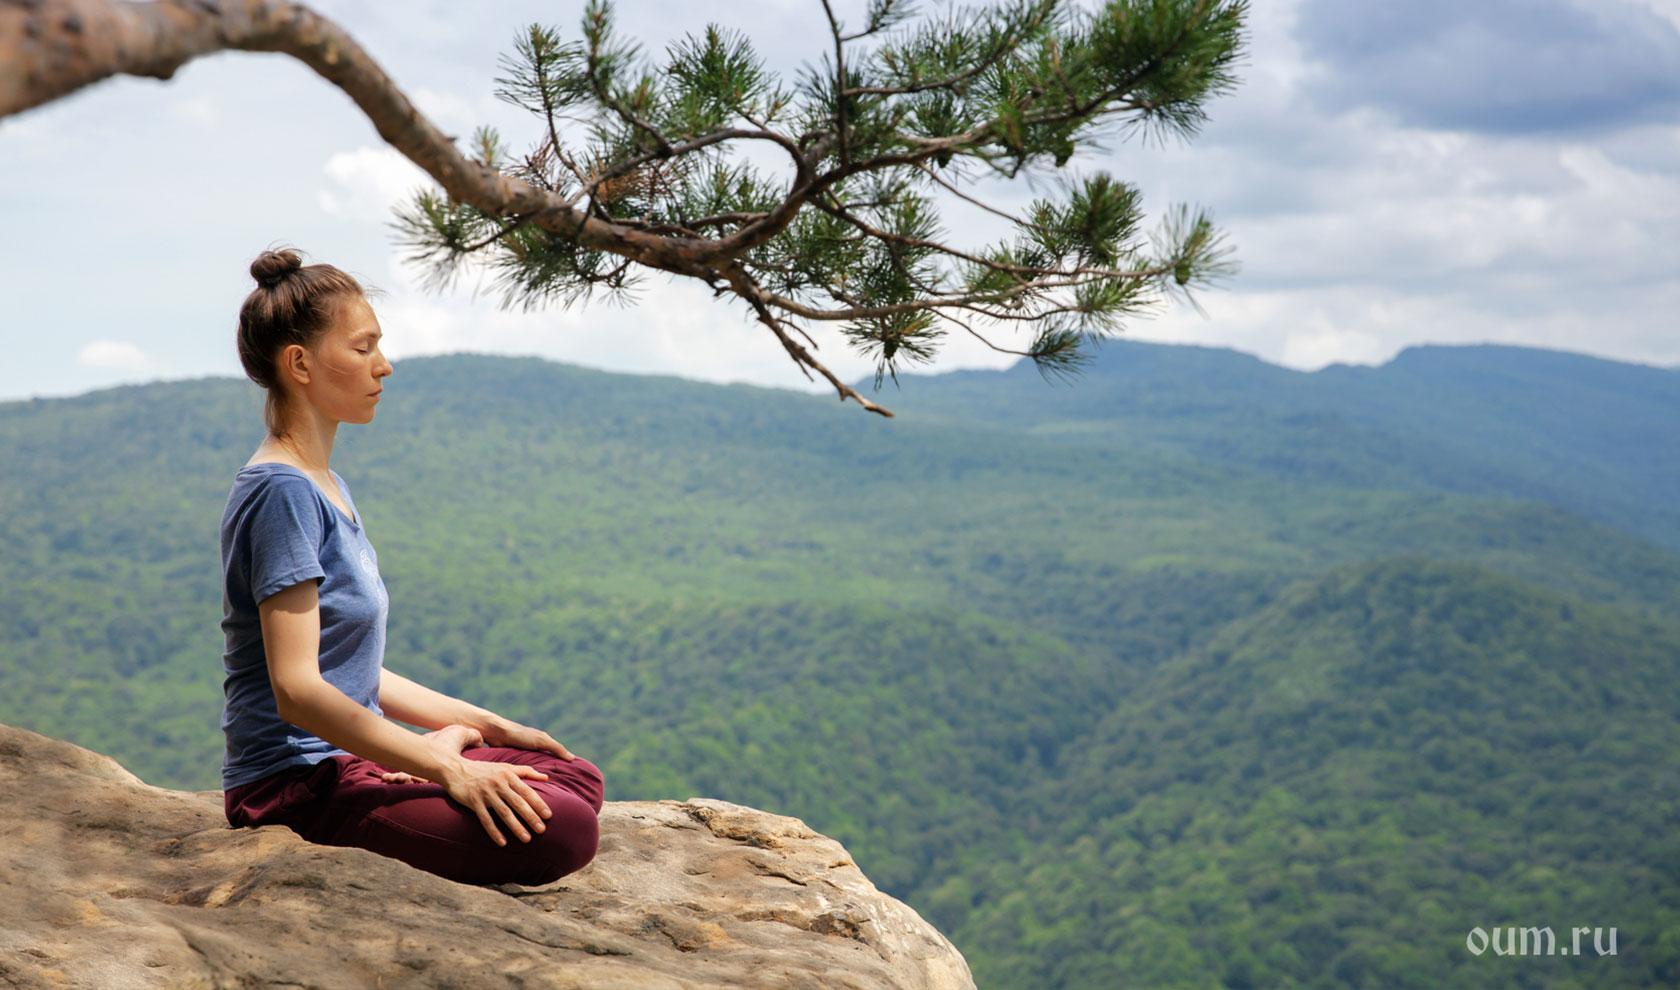 Что дает медитация, медитация — мощный инструмент саморазвития